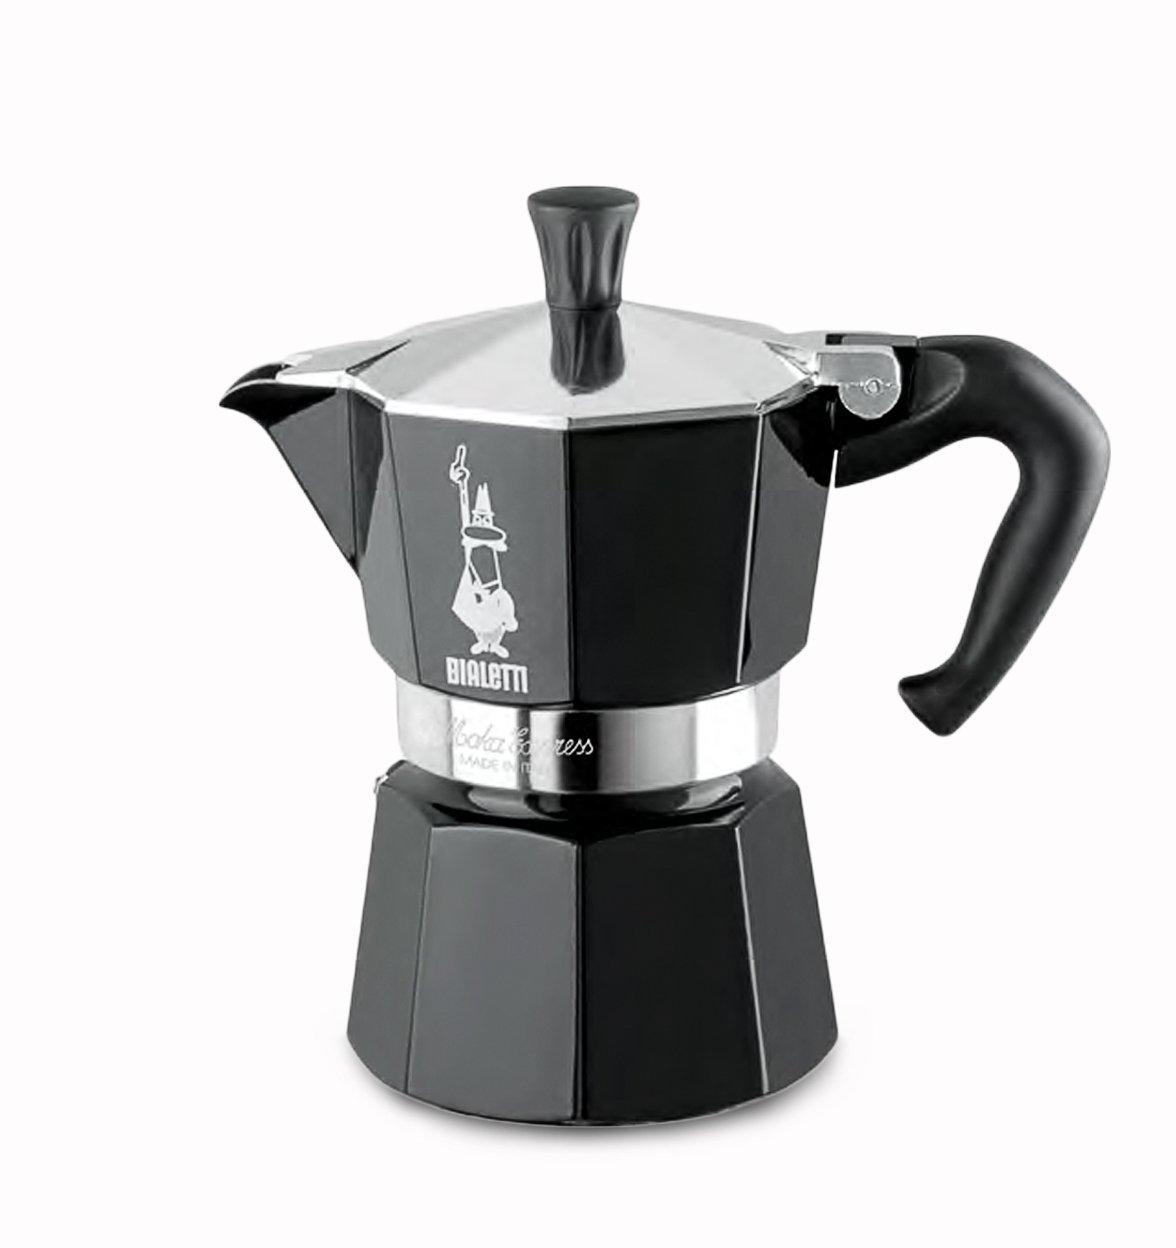 La cafetera no olvidamos - Cafetera moka ...